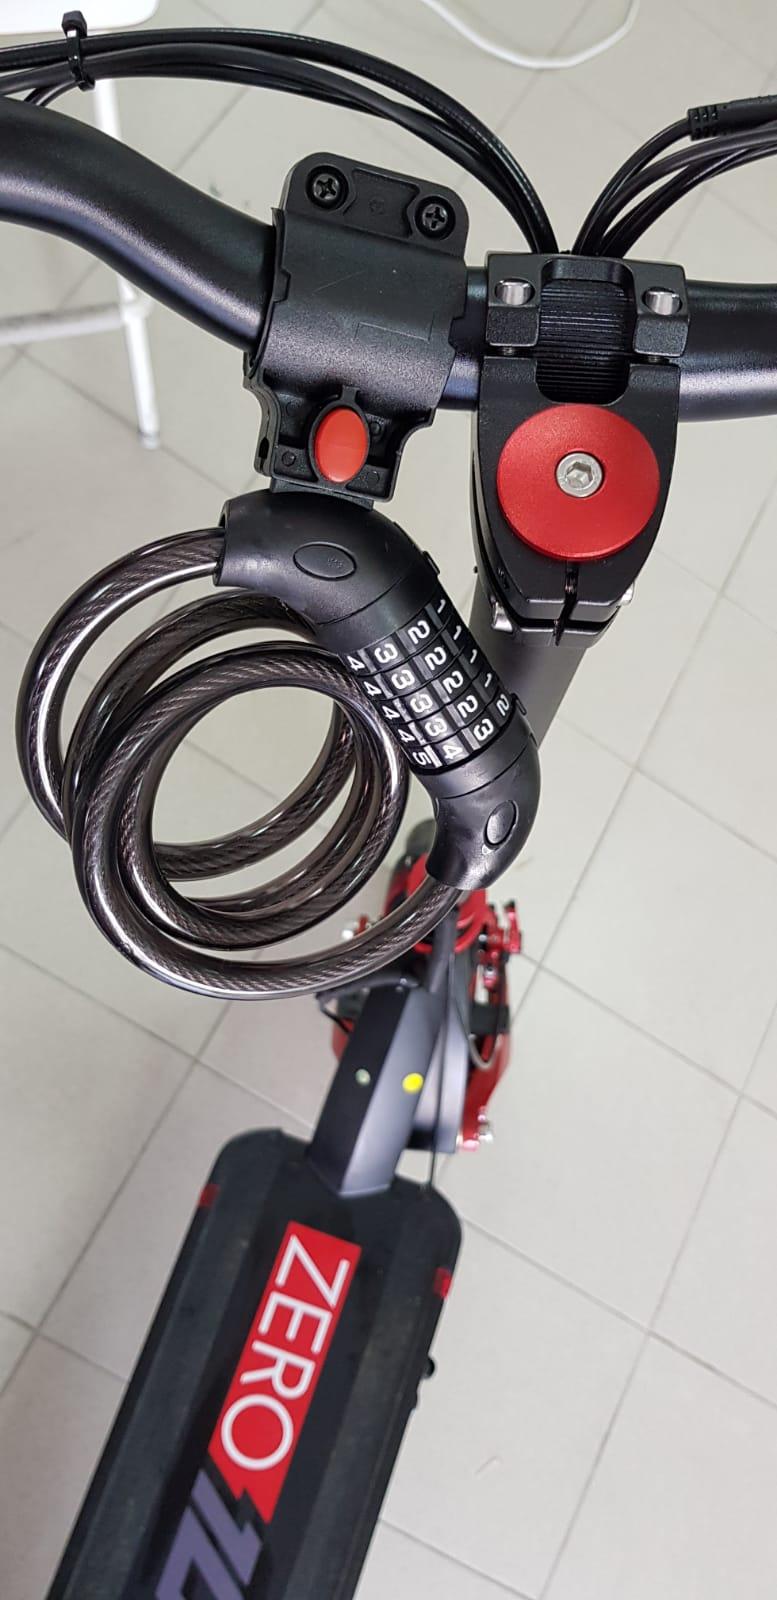 KY-XA33 sajla sa sifrom 1,2m za zaključavanje električnog romobila ili bicikla